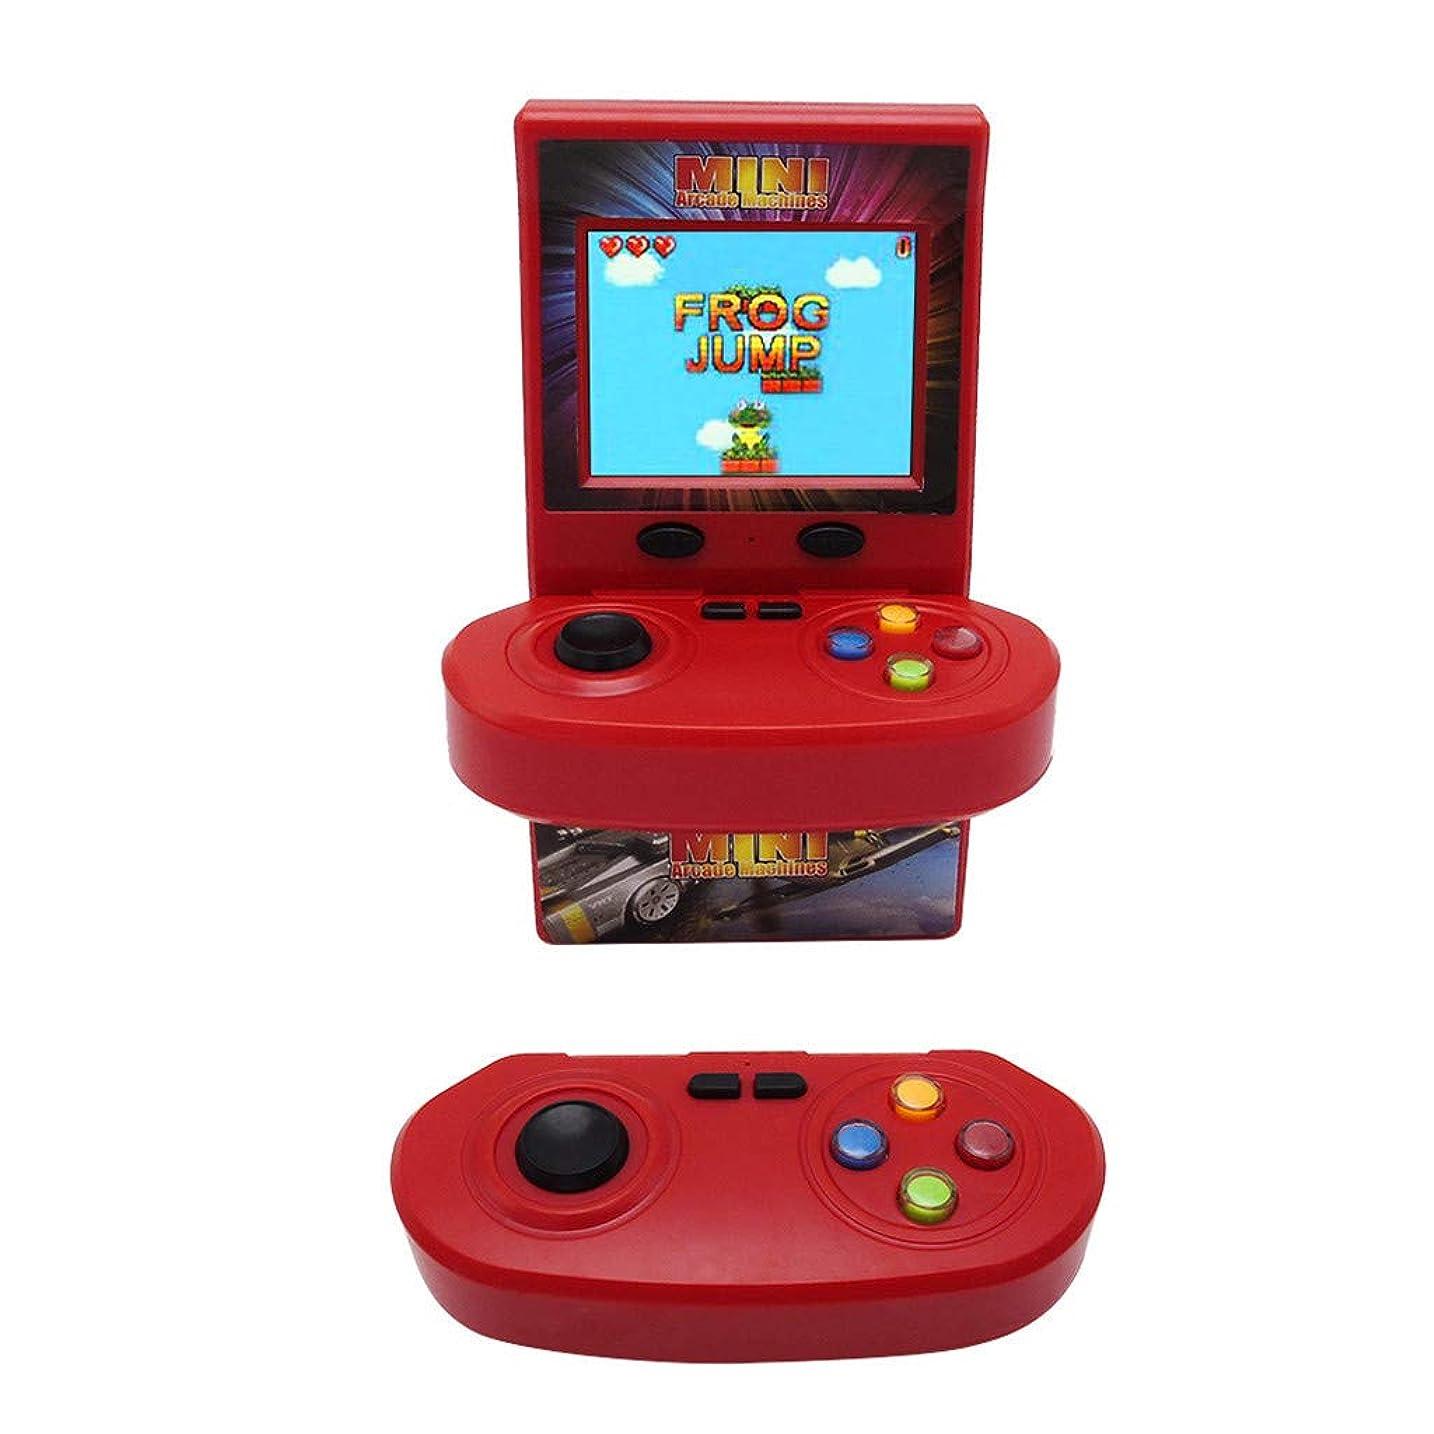 毎日限界敬なゲームコンソール ダブルワイヤレスジョイスティック アーケードゲーム コンソール ノスタルジック 100ゲーム ゲームプレーヤー ダブルハンドル 携帯ゲーム機huajuan